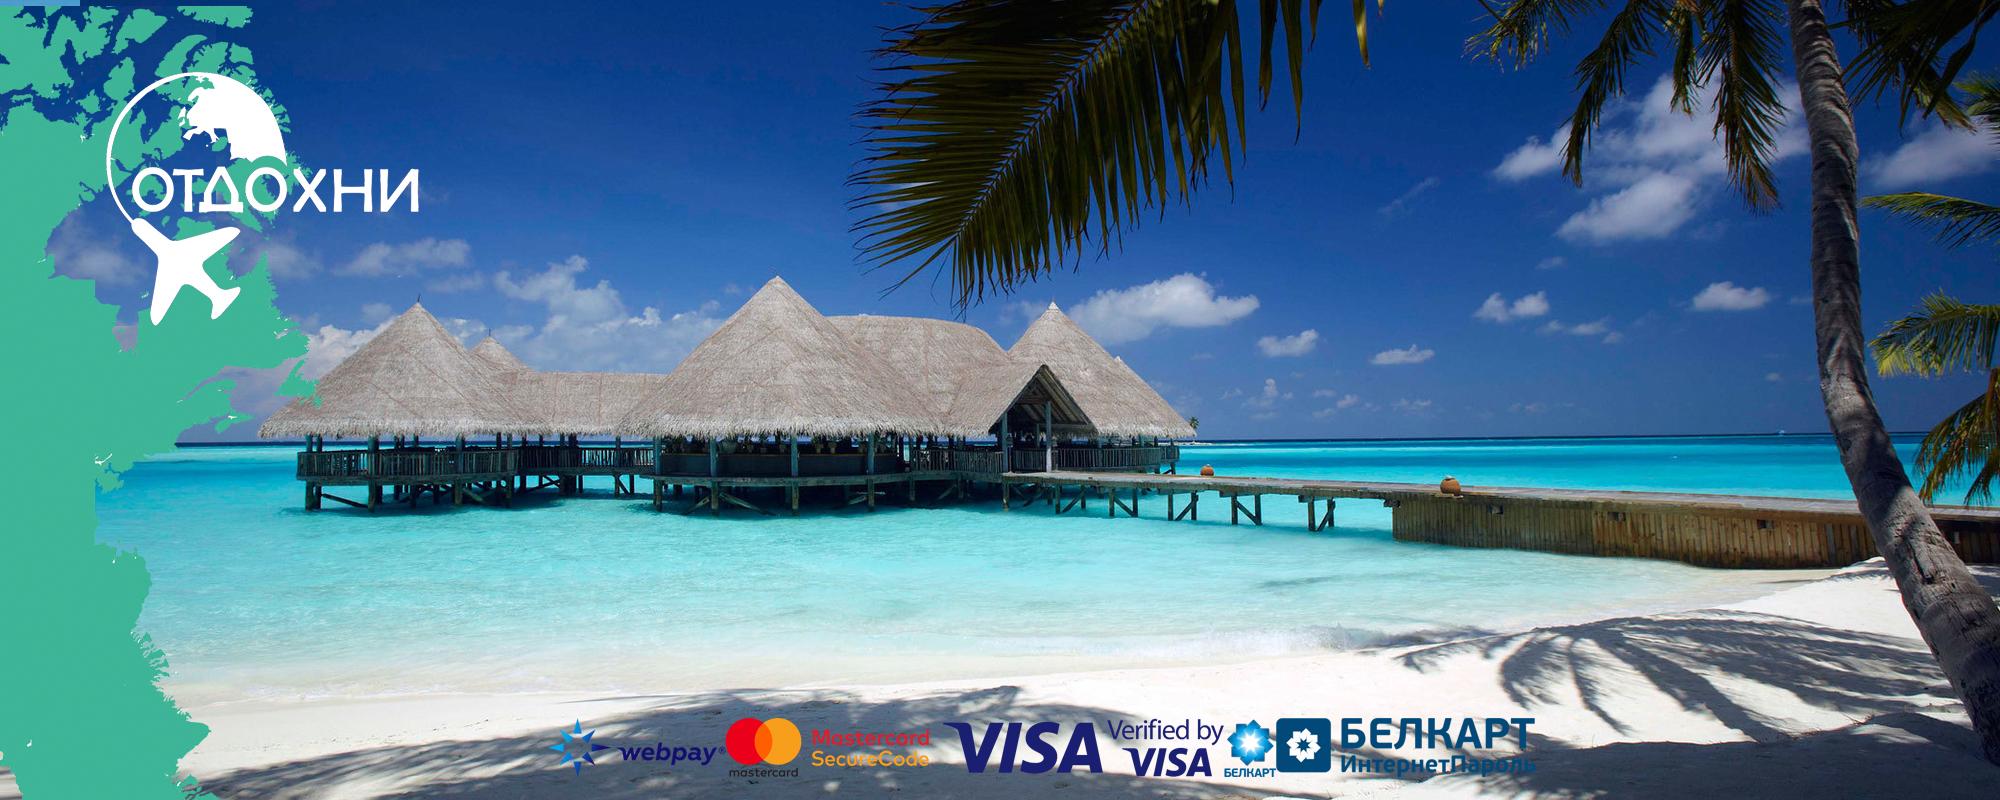 Туры на Занзибар, Мальдивы, ОАЭ, Доминикану, Кубу